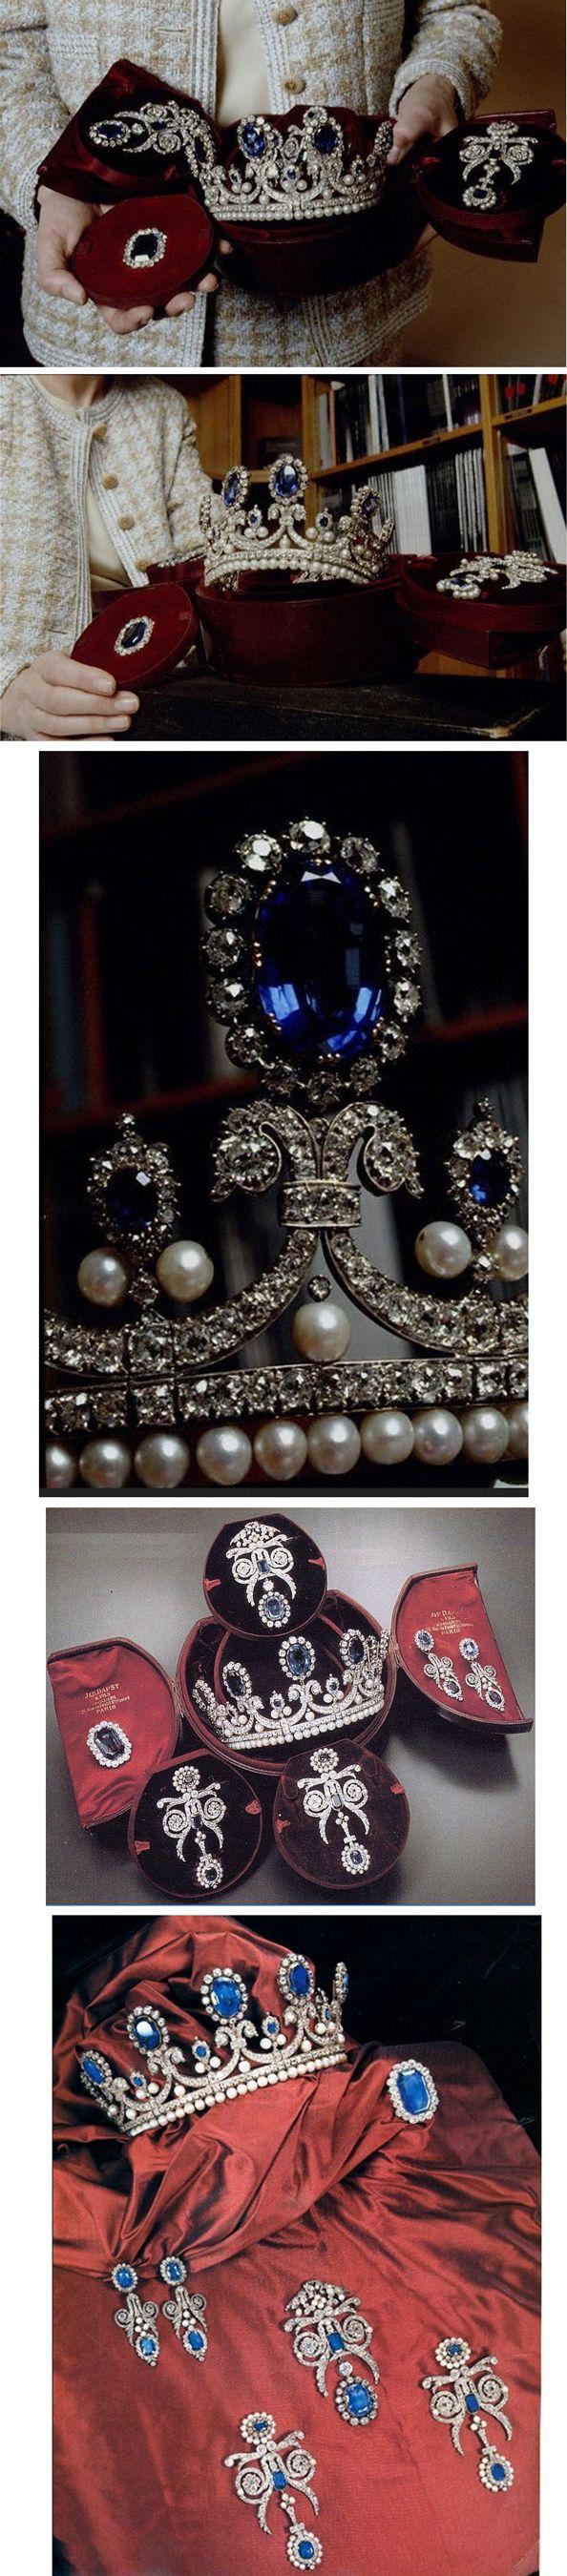 Aderezo Zafiro de la reina Marie-Amélie de Francia (sobrina de Maria Antonieta y esposa del rey Luis Felipe de Orleans). Originariamente perteneció a la emperatriz Josefina, que luego heredó su hija Hortense y que vendió al rey Luis Felipe. El joyero Bapst lo reformó. Está hecho con diamantes, zafiros de Ceylan y perlas. Ahora forma parte del tesoro de Francia y está en el Louvre.